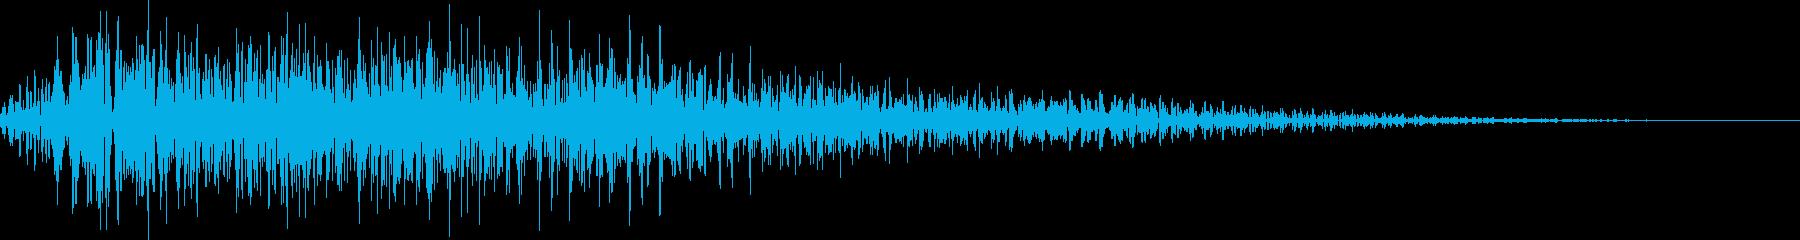 ポロロロン(ハープ 決定 移動)の再生済みの波形